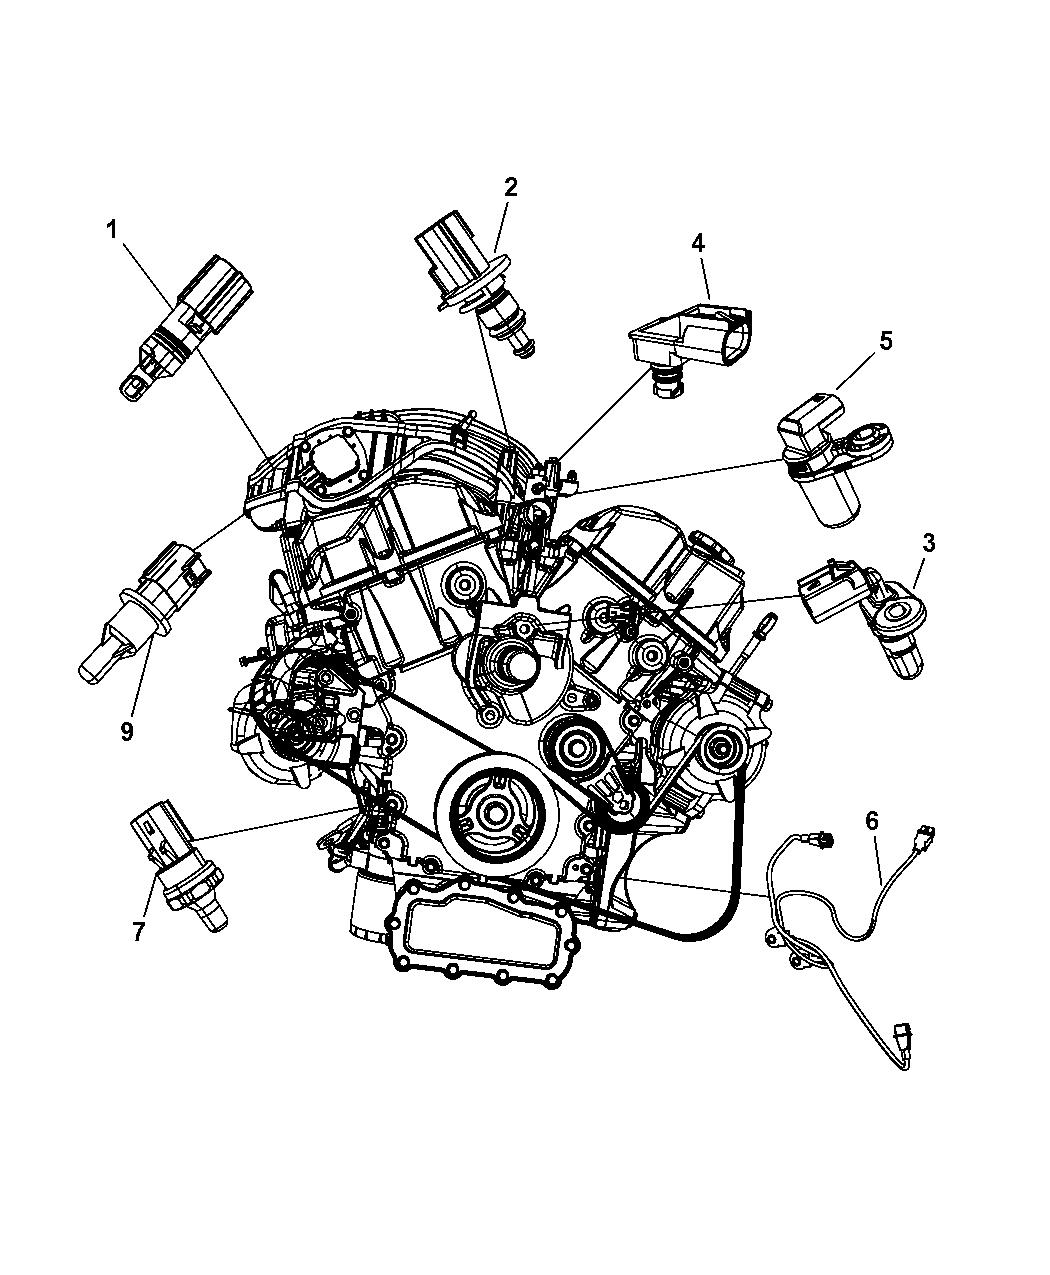 2009 Dodge Journey Sensors Engine Mopar Parts Giant Wiring Schematic Thumbnail 2